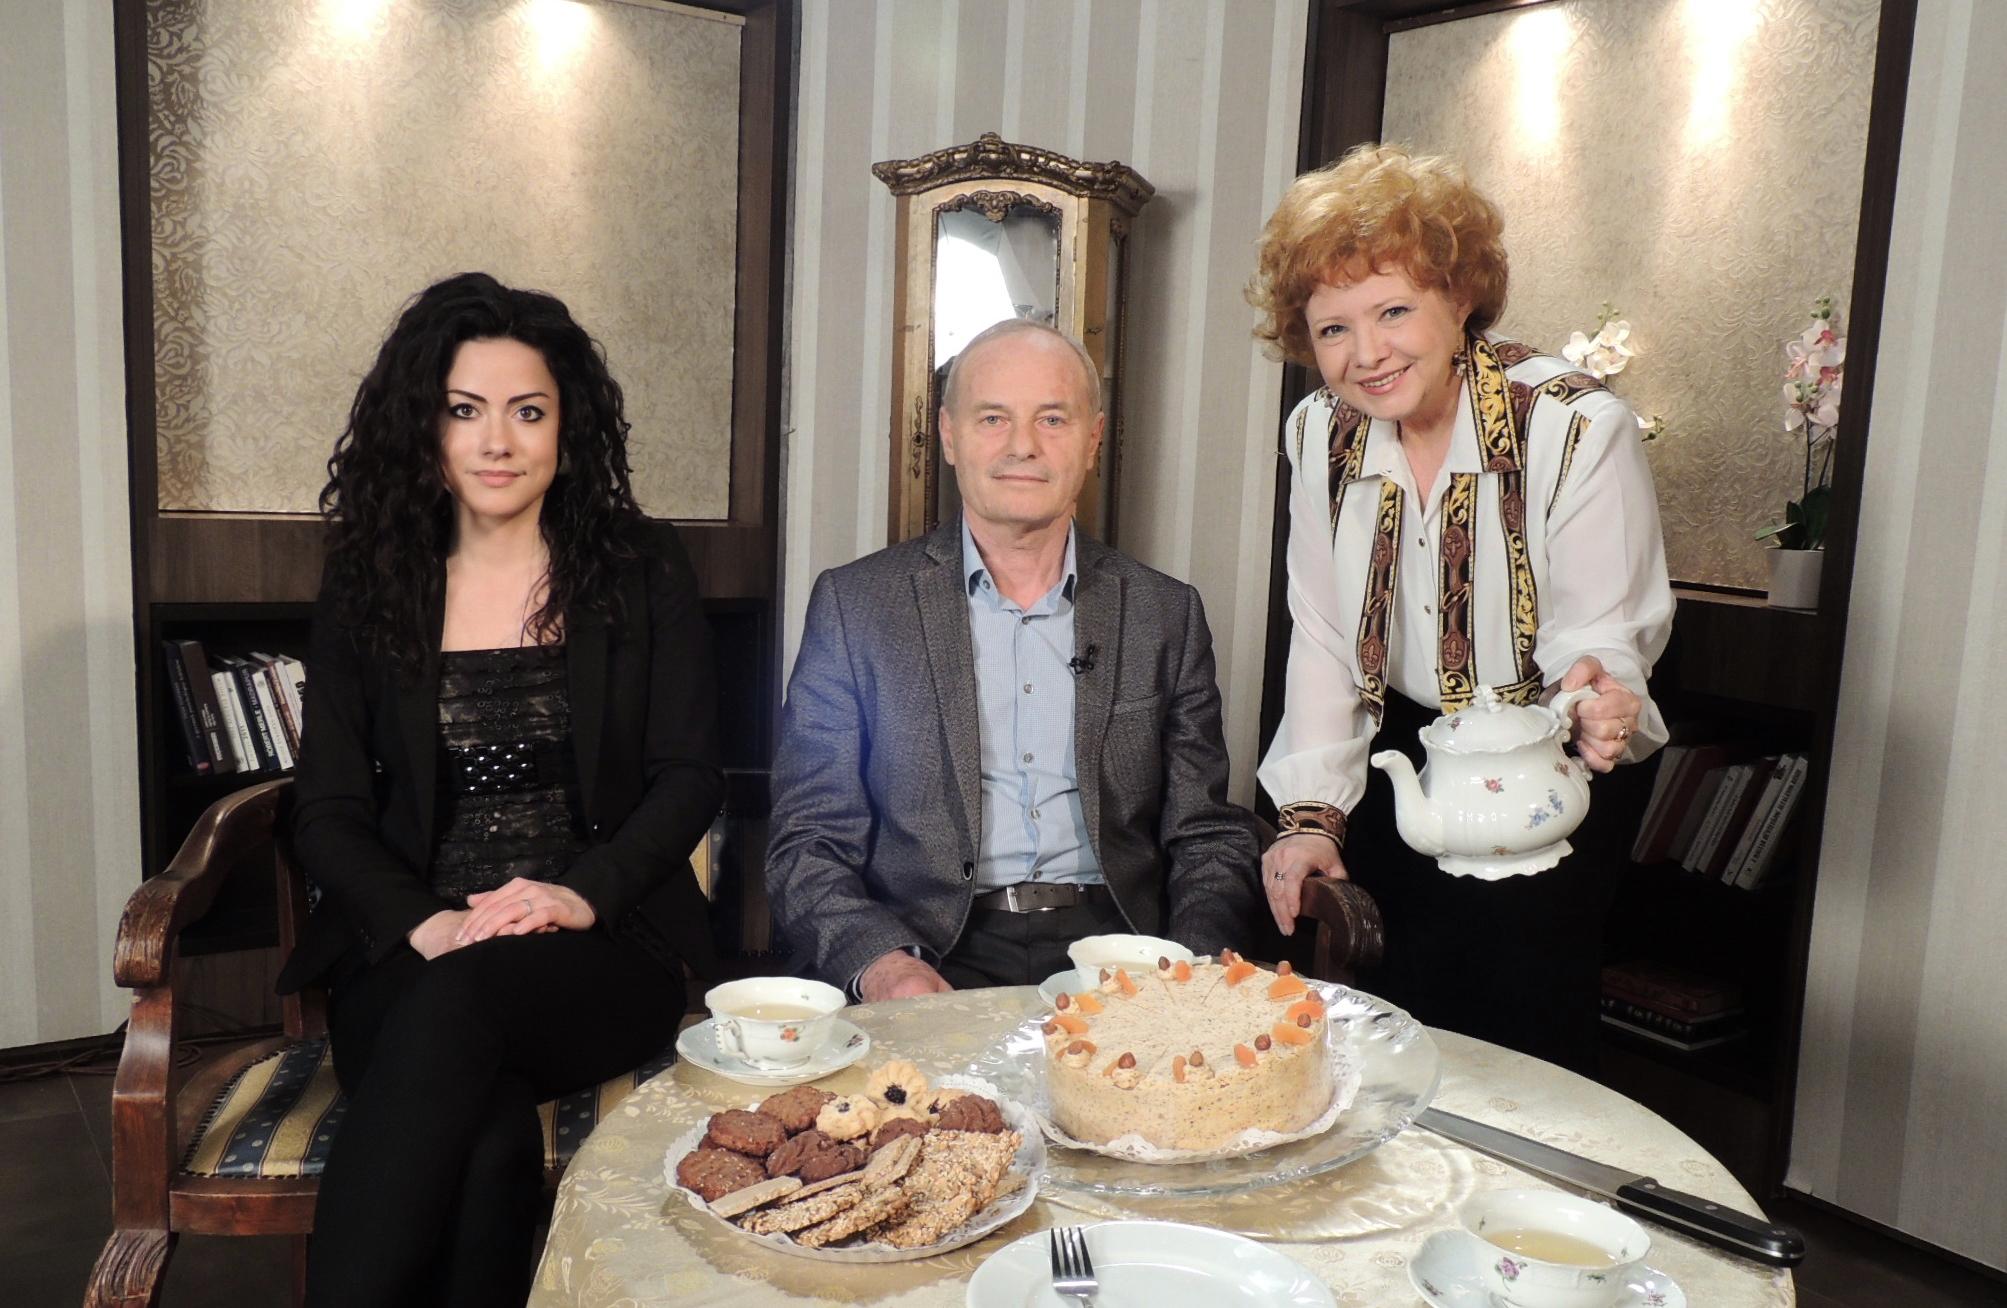 A 6-os csatornán, a Tea Glóriával című műsorban Geszty Glória vendégei voltunk